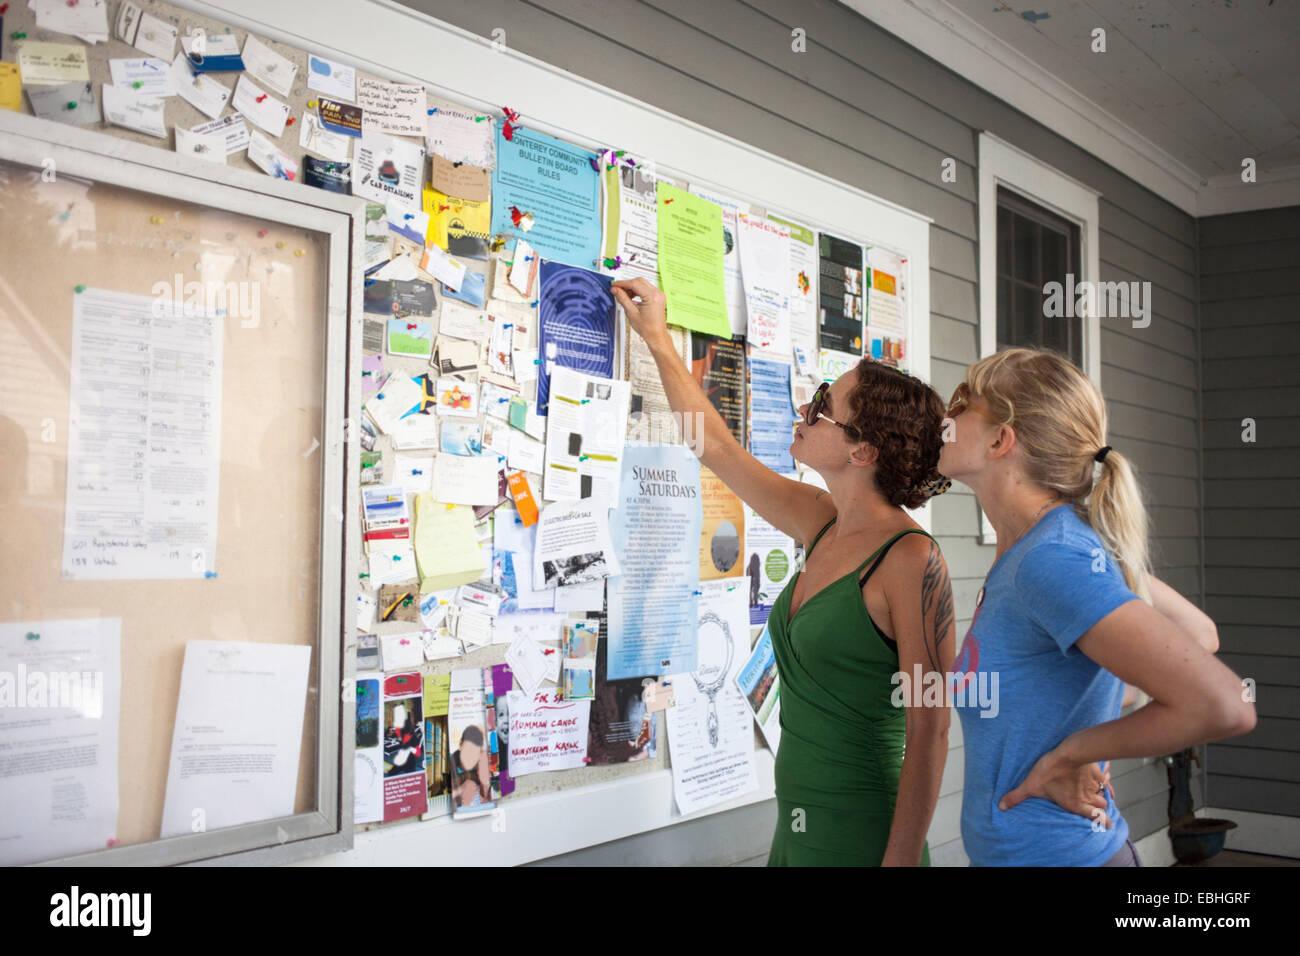 Deux femmes adultes à jusqu'au tableau d'affichage communautaire Photo Stock